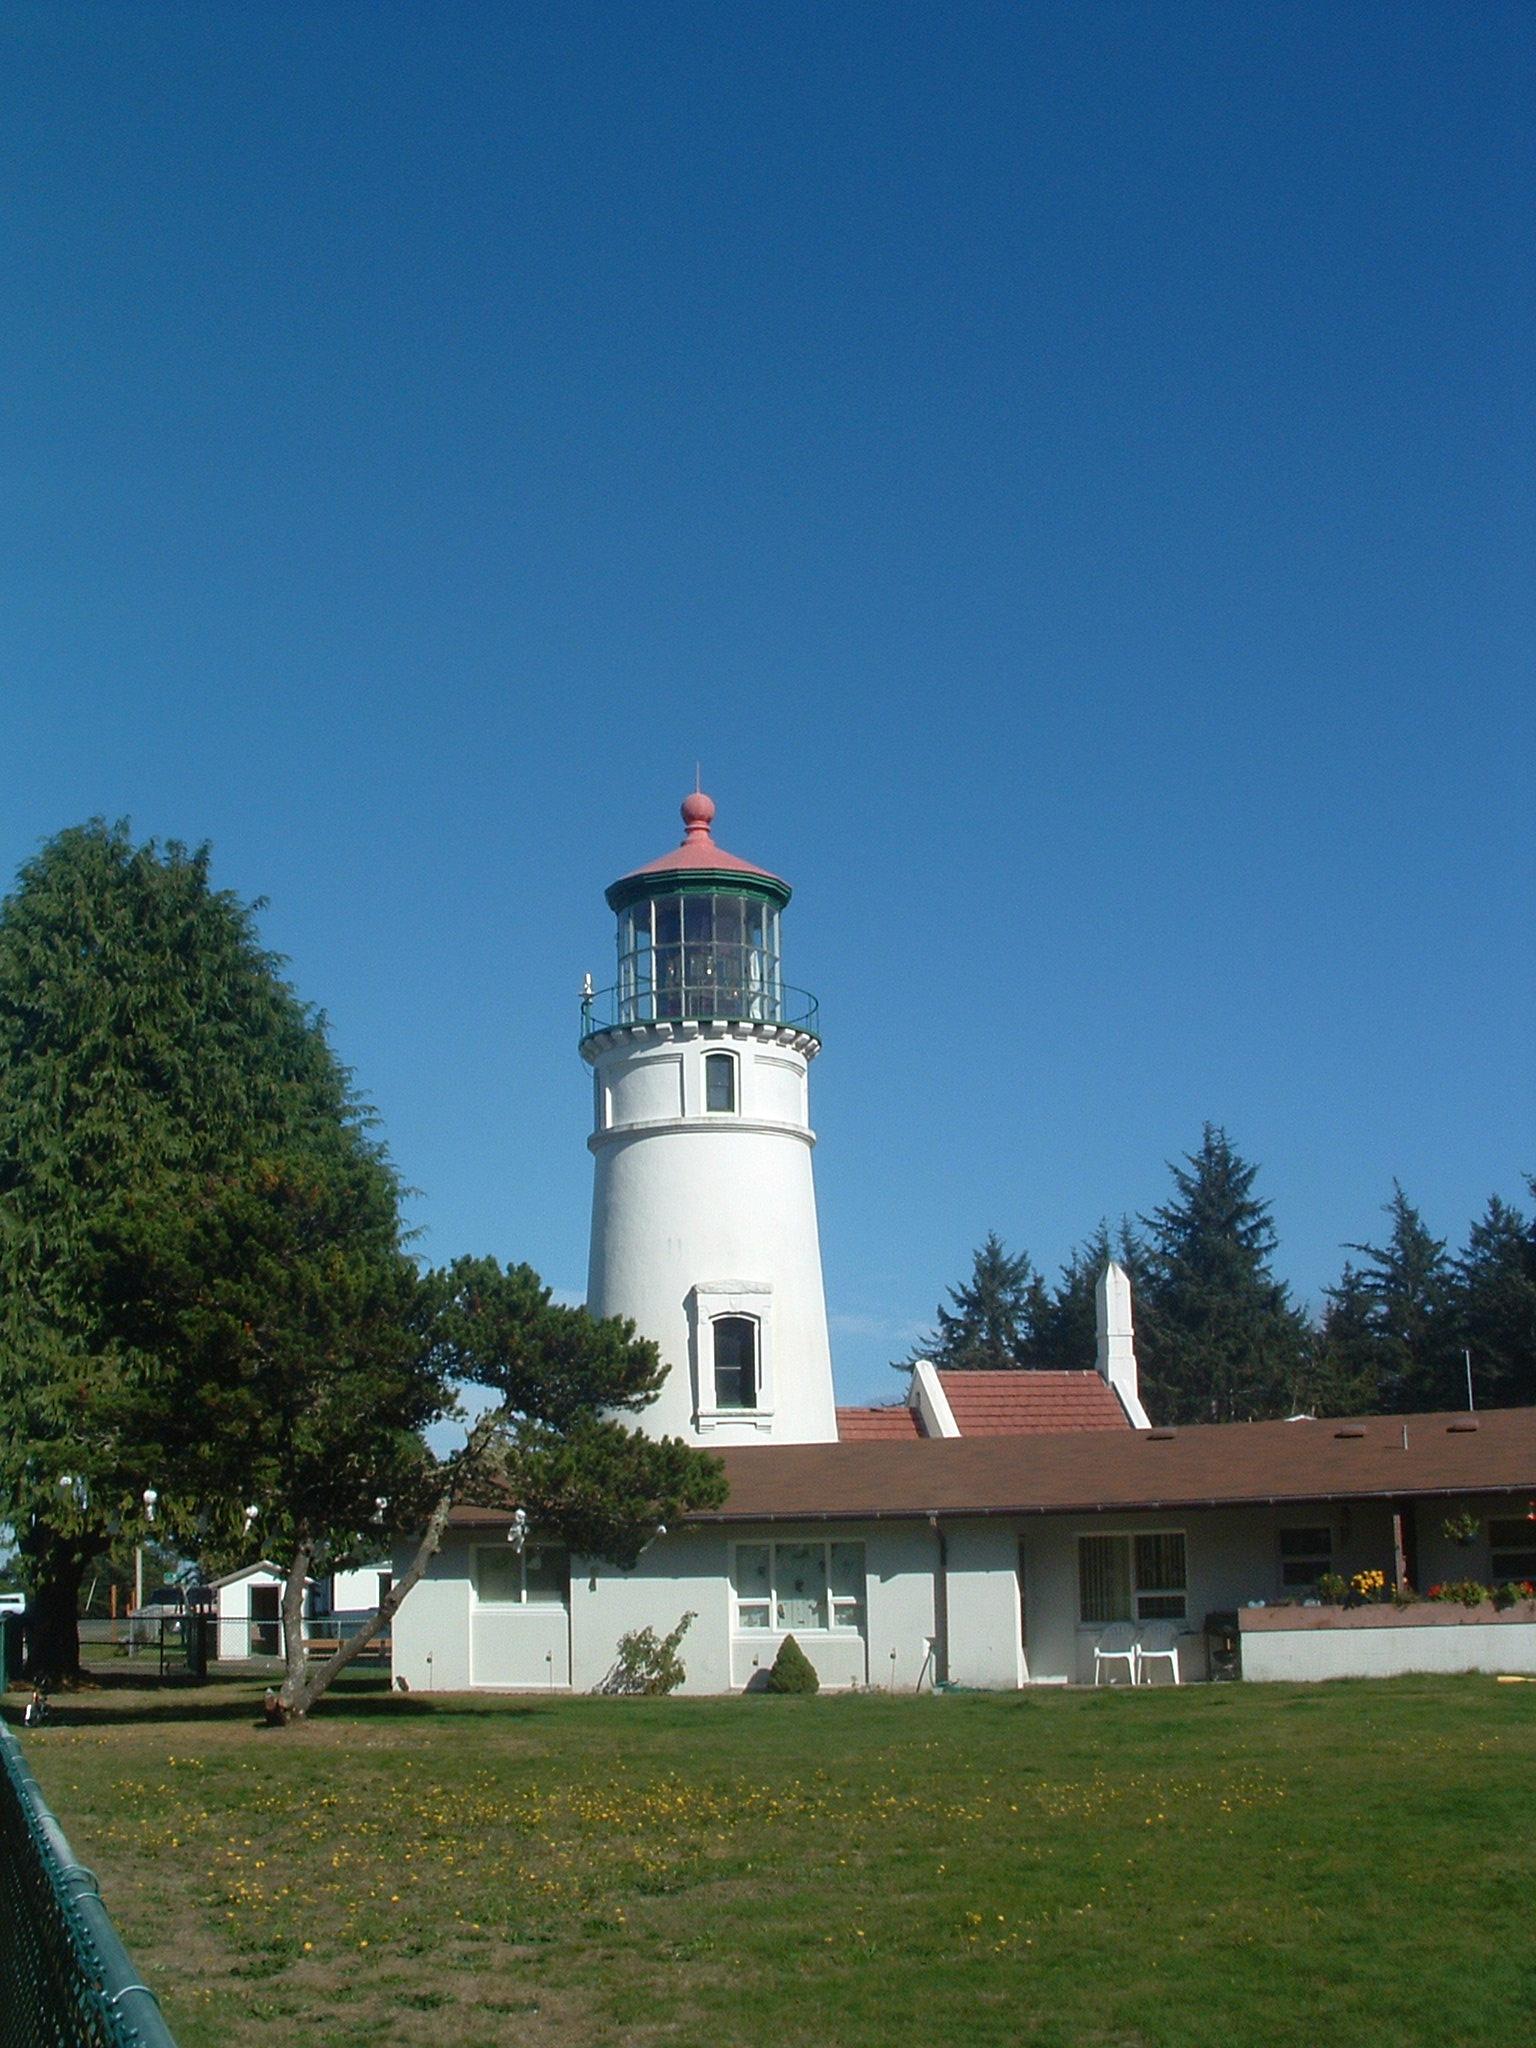 Umpqua River Lighthouse Umpqua River Lighthouse Museum